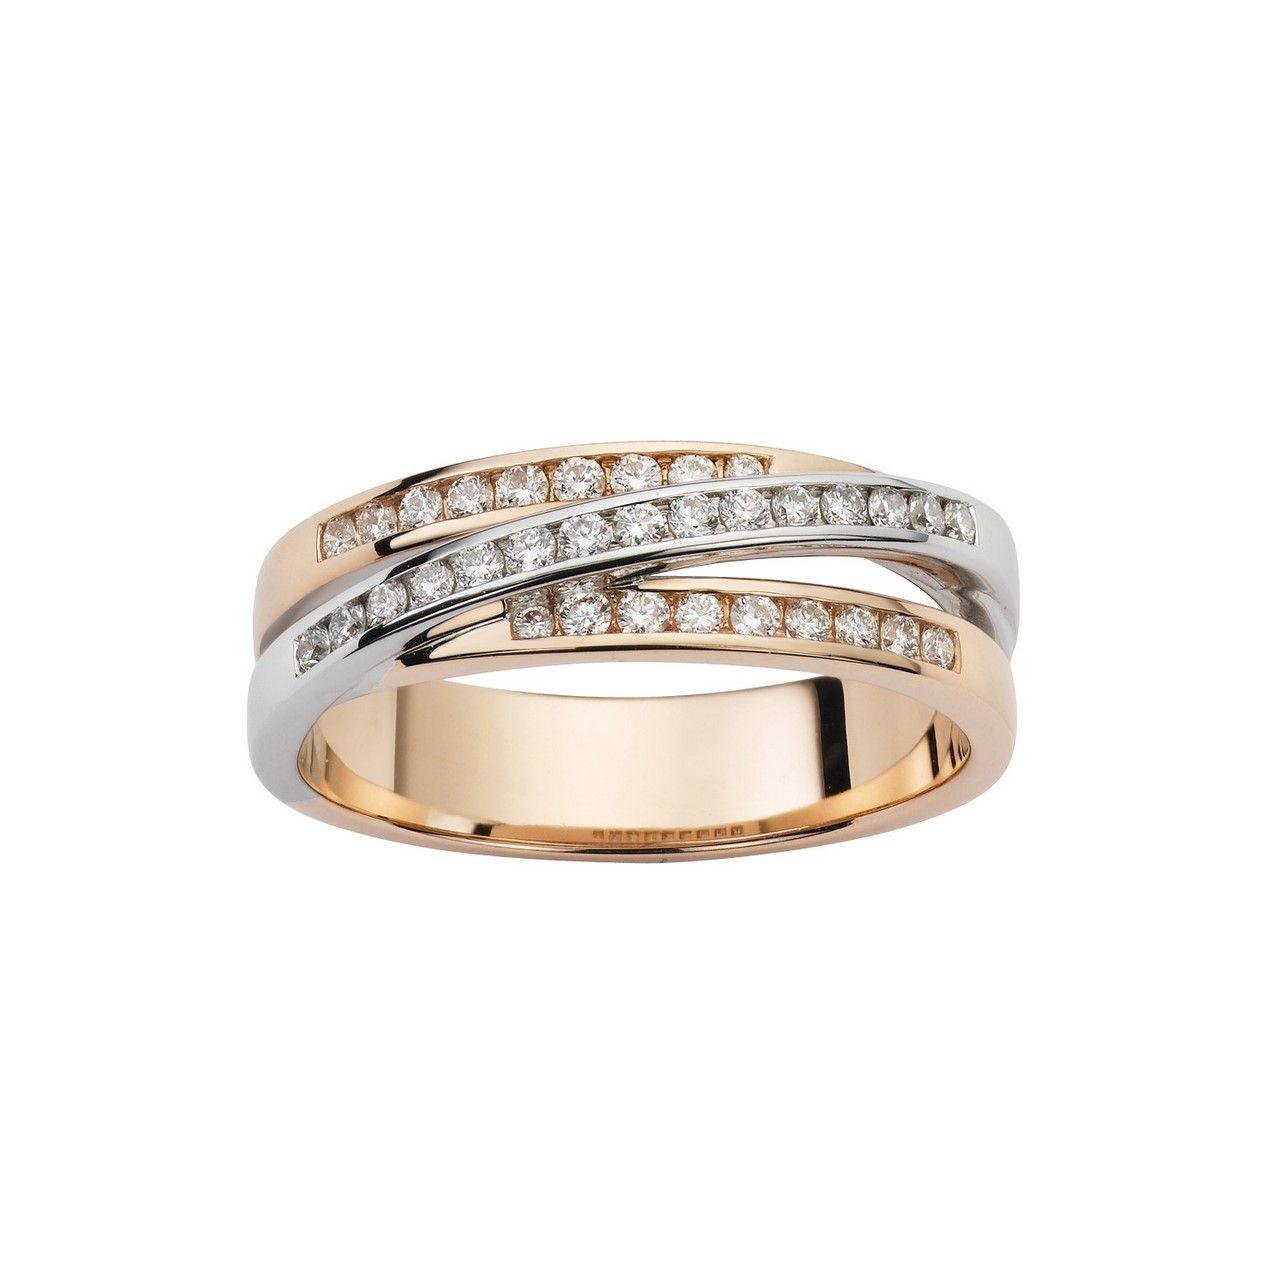 Bague en or blanc, or rose et diamants de 0.32ct